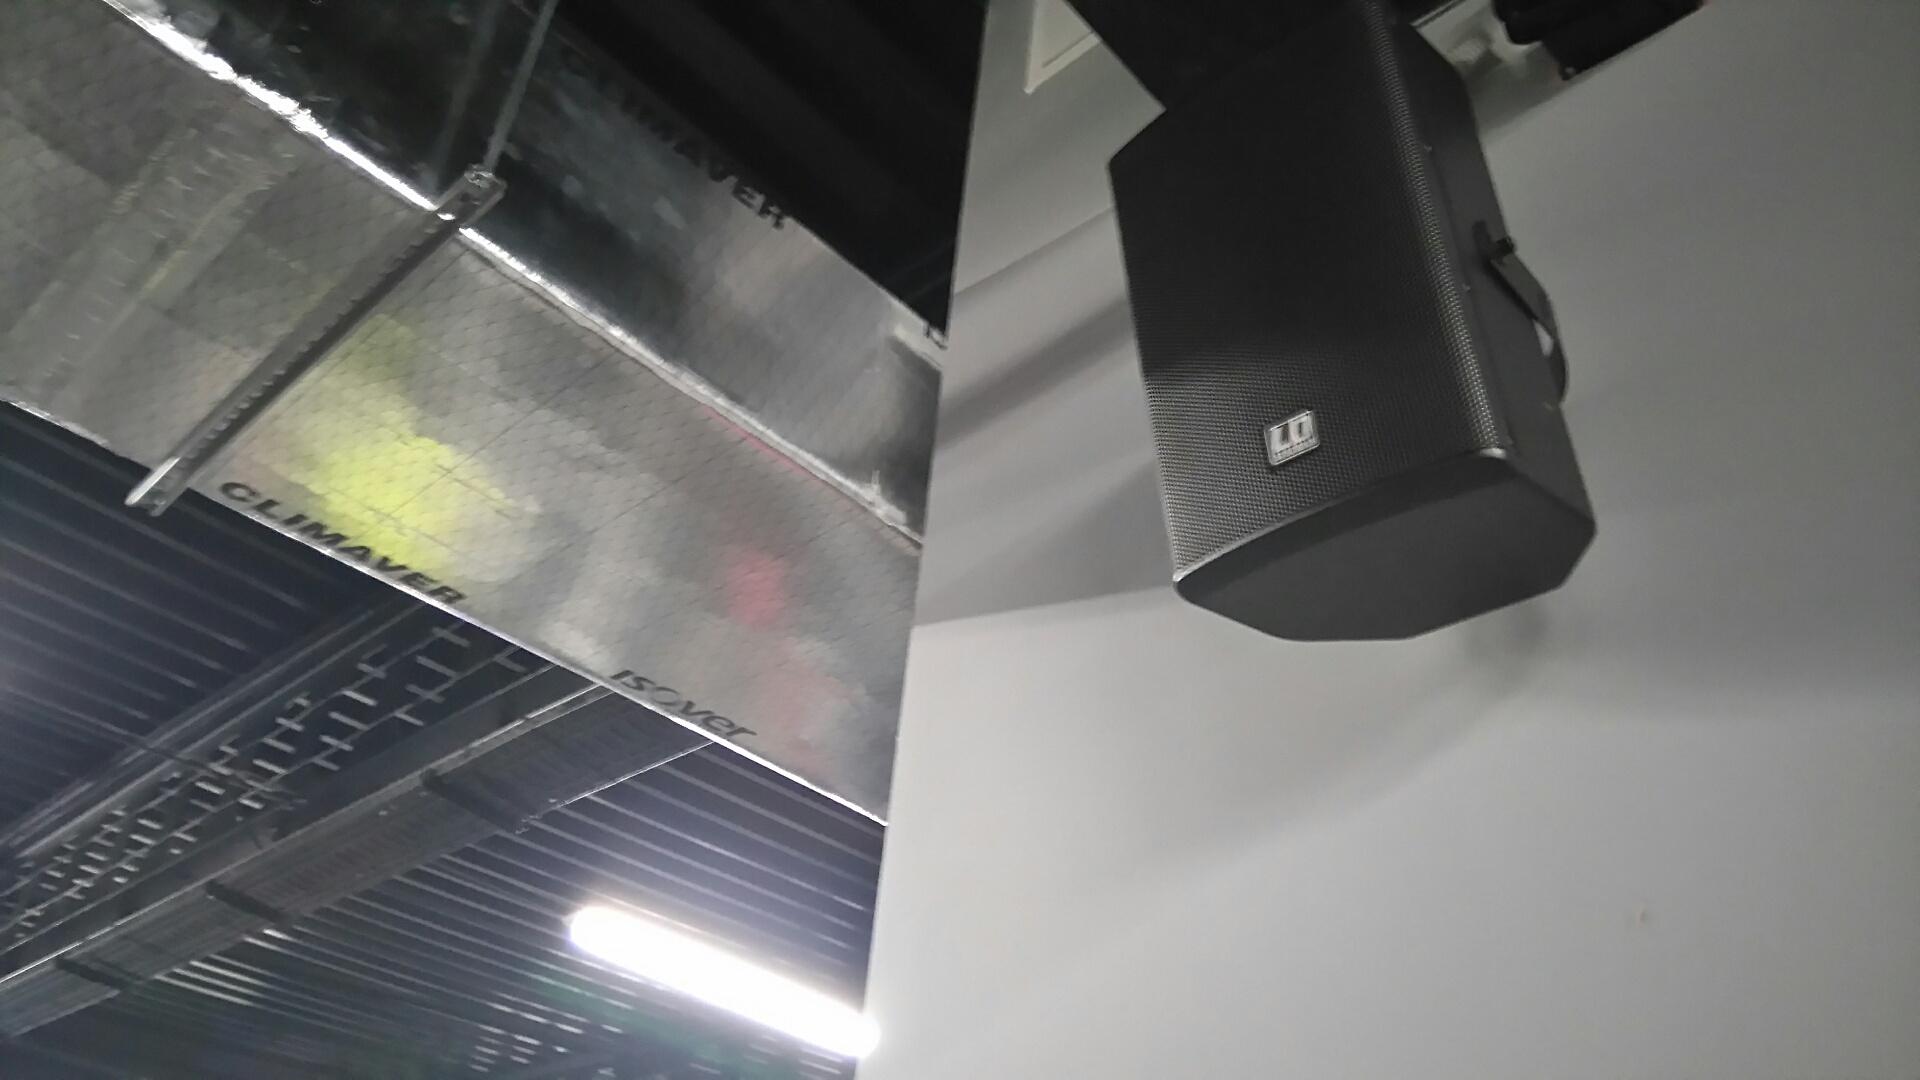 instalacje nagłośnieniowe, nagłośnienie, montaż, projektowanie, 100V, systemy radiowęzłowe